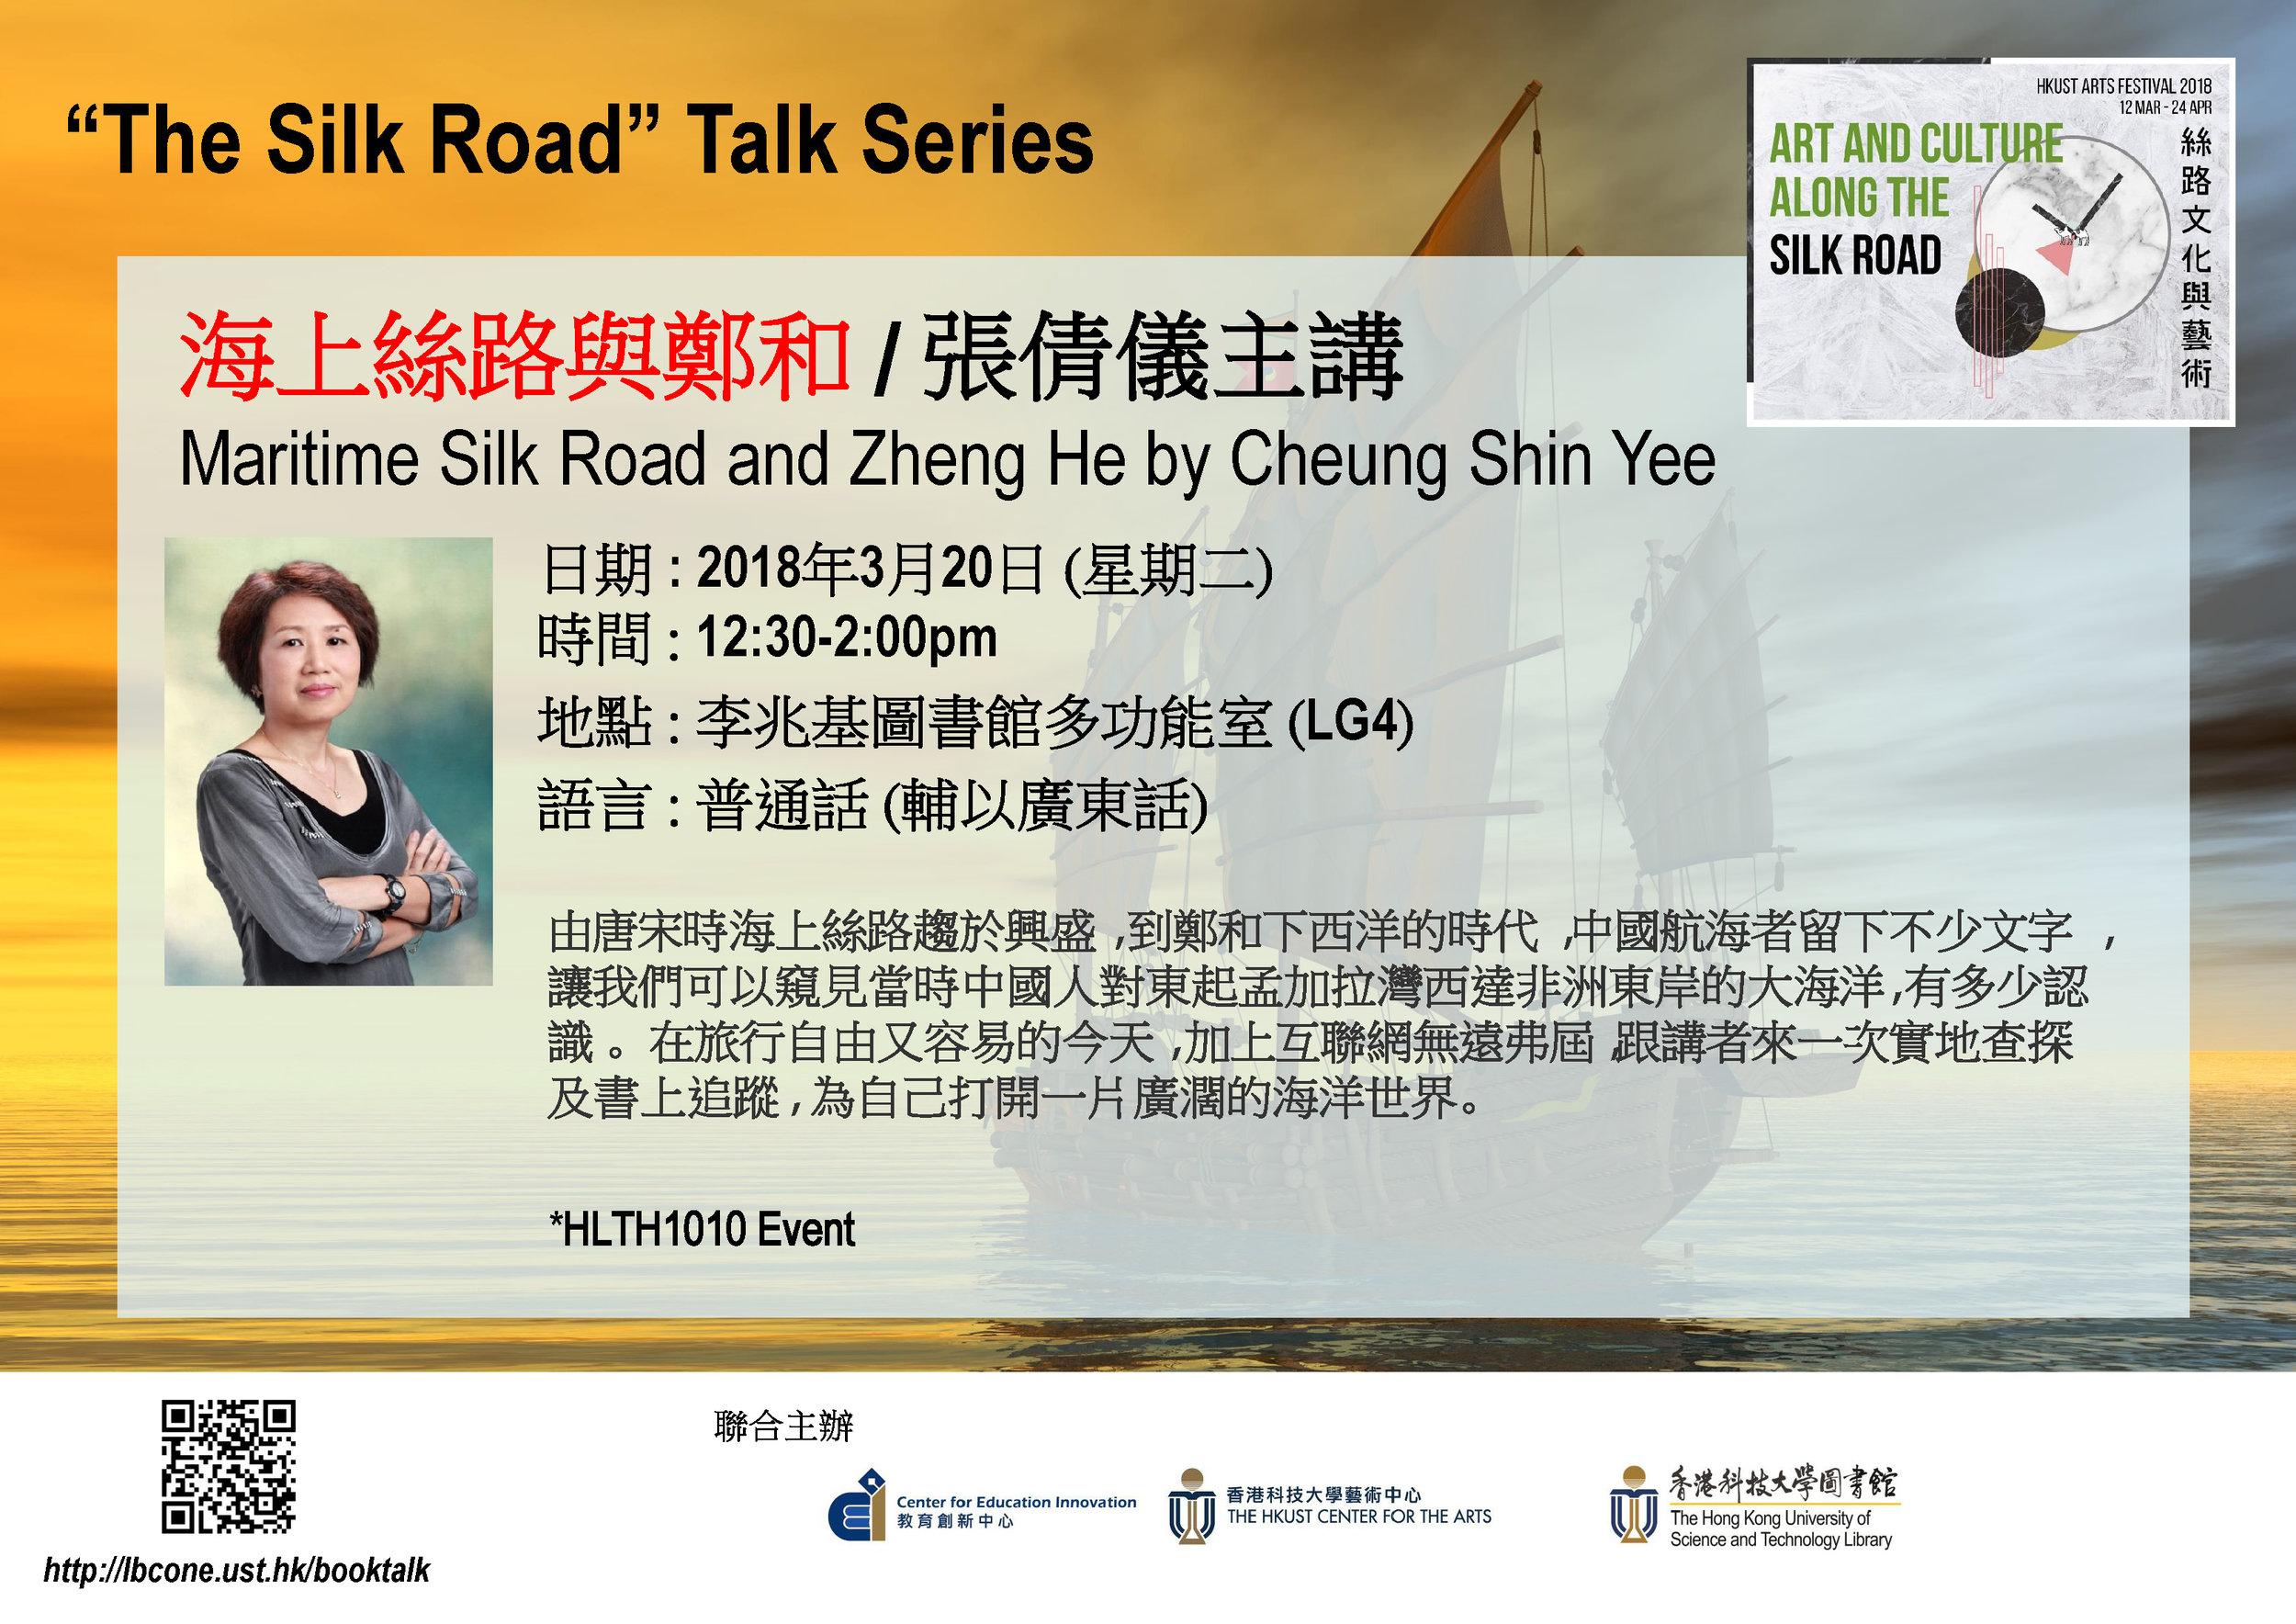 Maritime Silk Road and Zheng He by Cheung Shin Yee  Mar 20, 2018